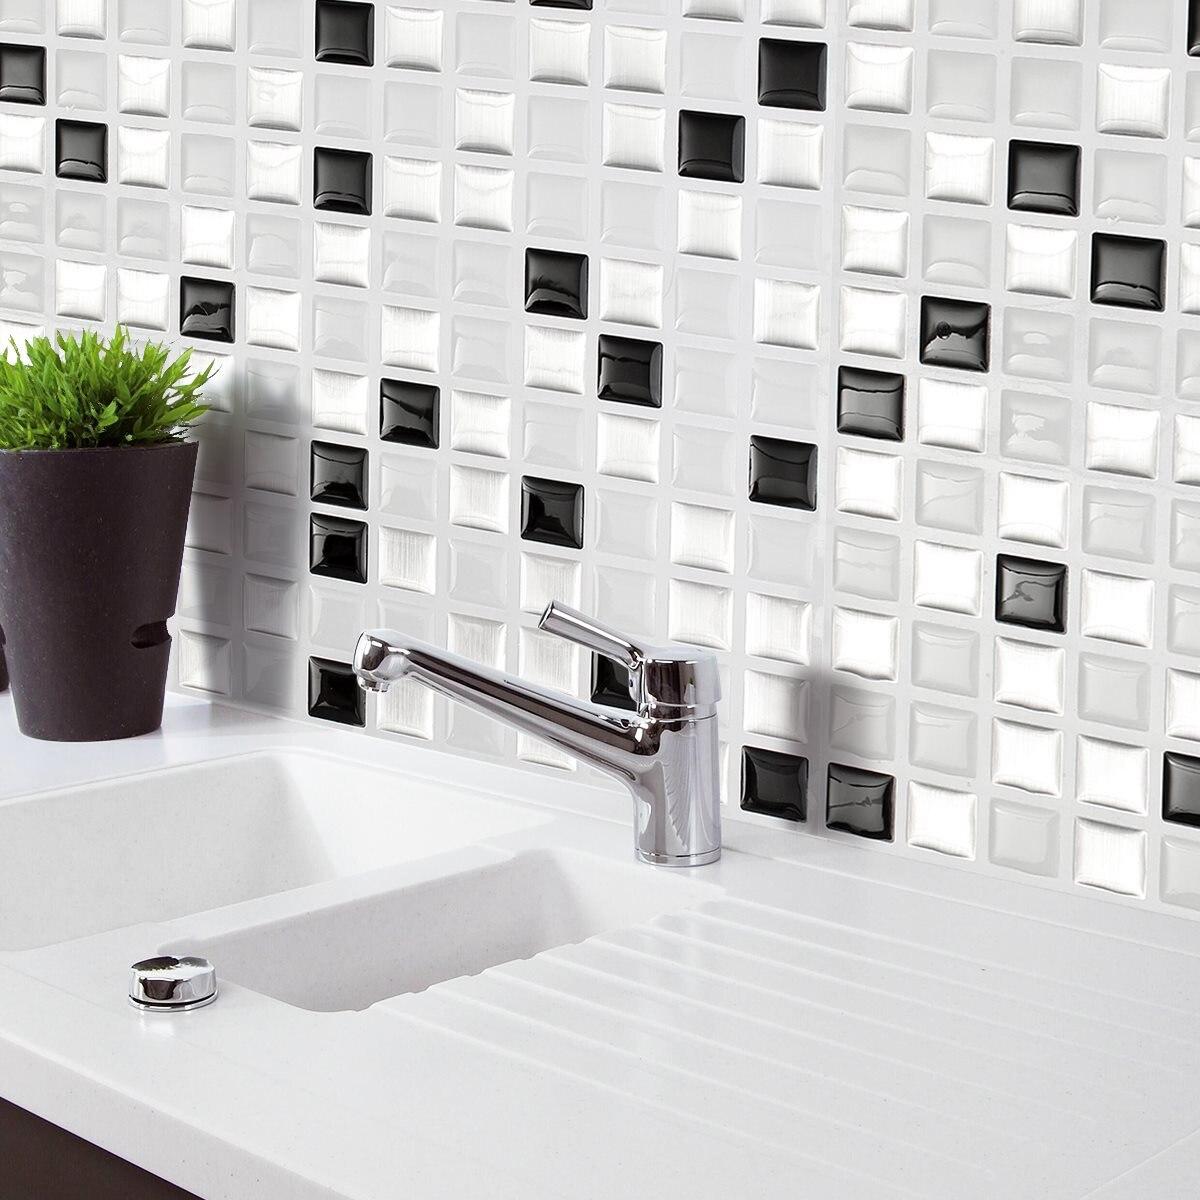 Fliesen Küche Wand Modern. Planung Kleine Küche Stuhl Mediterrane ...